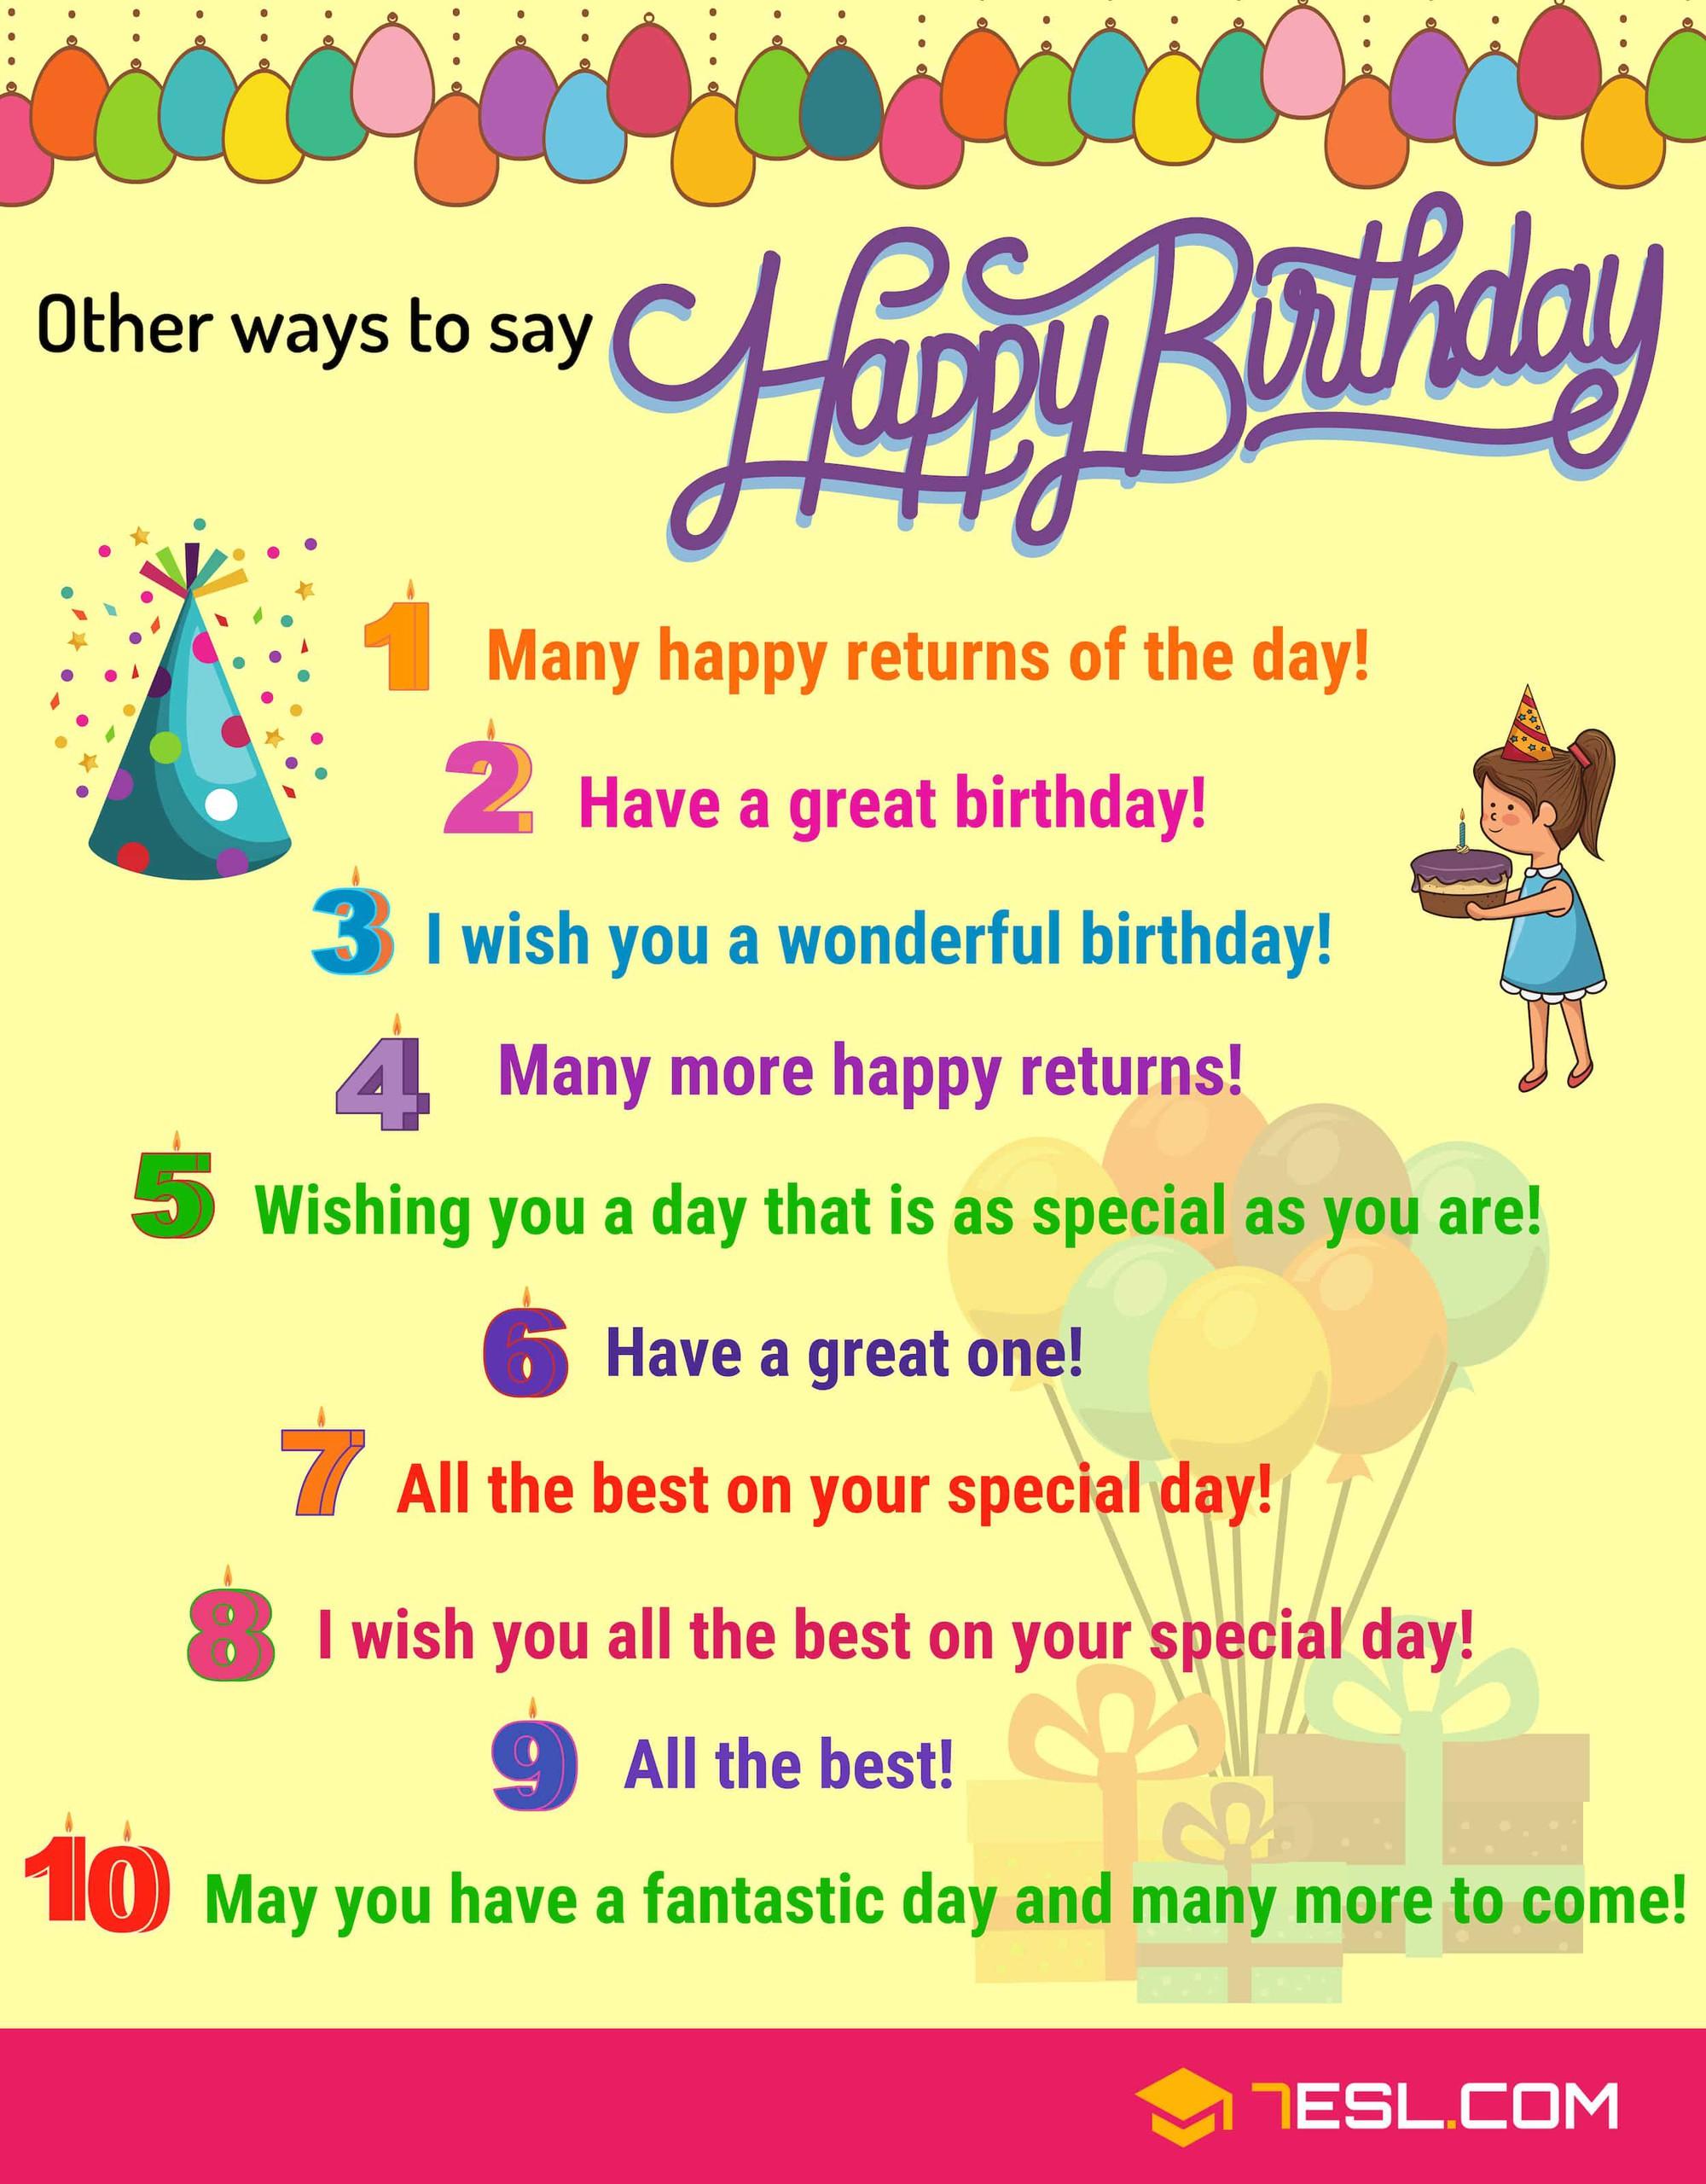 Muốn chúc mừng sinh nhật bằng Tiếng Anh nhưng chỉ nói được Happy Birthday đầy nhạt